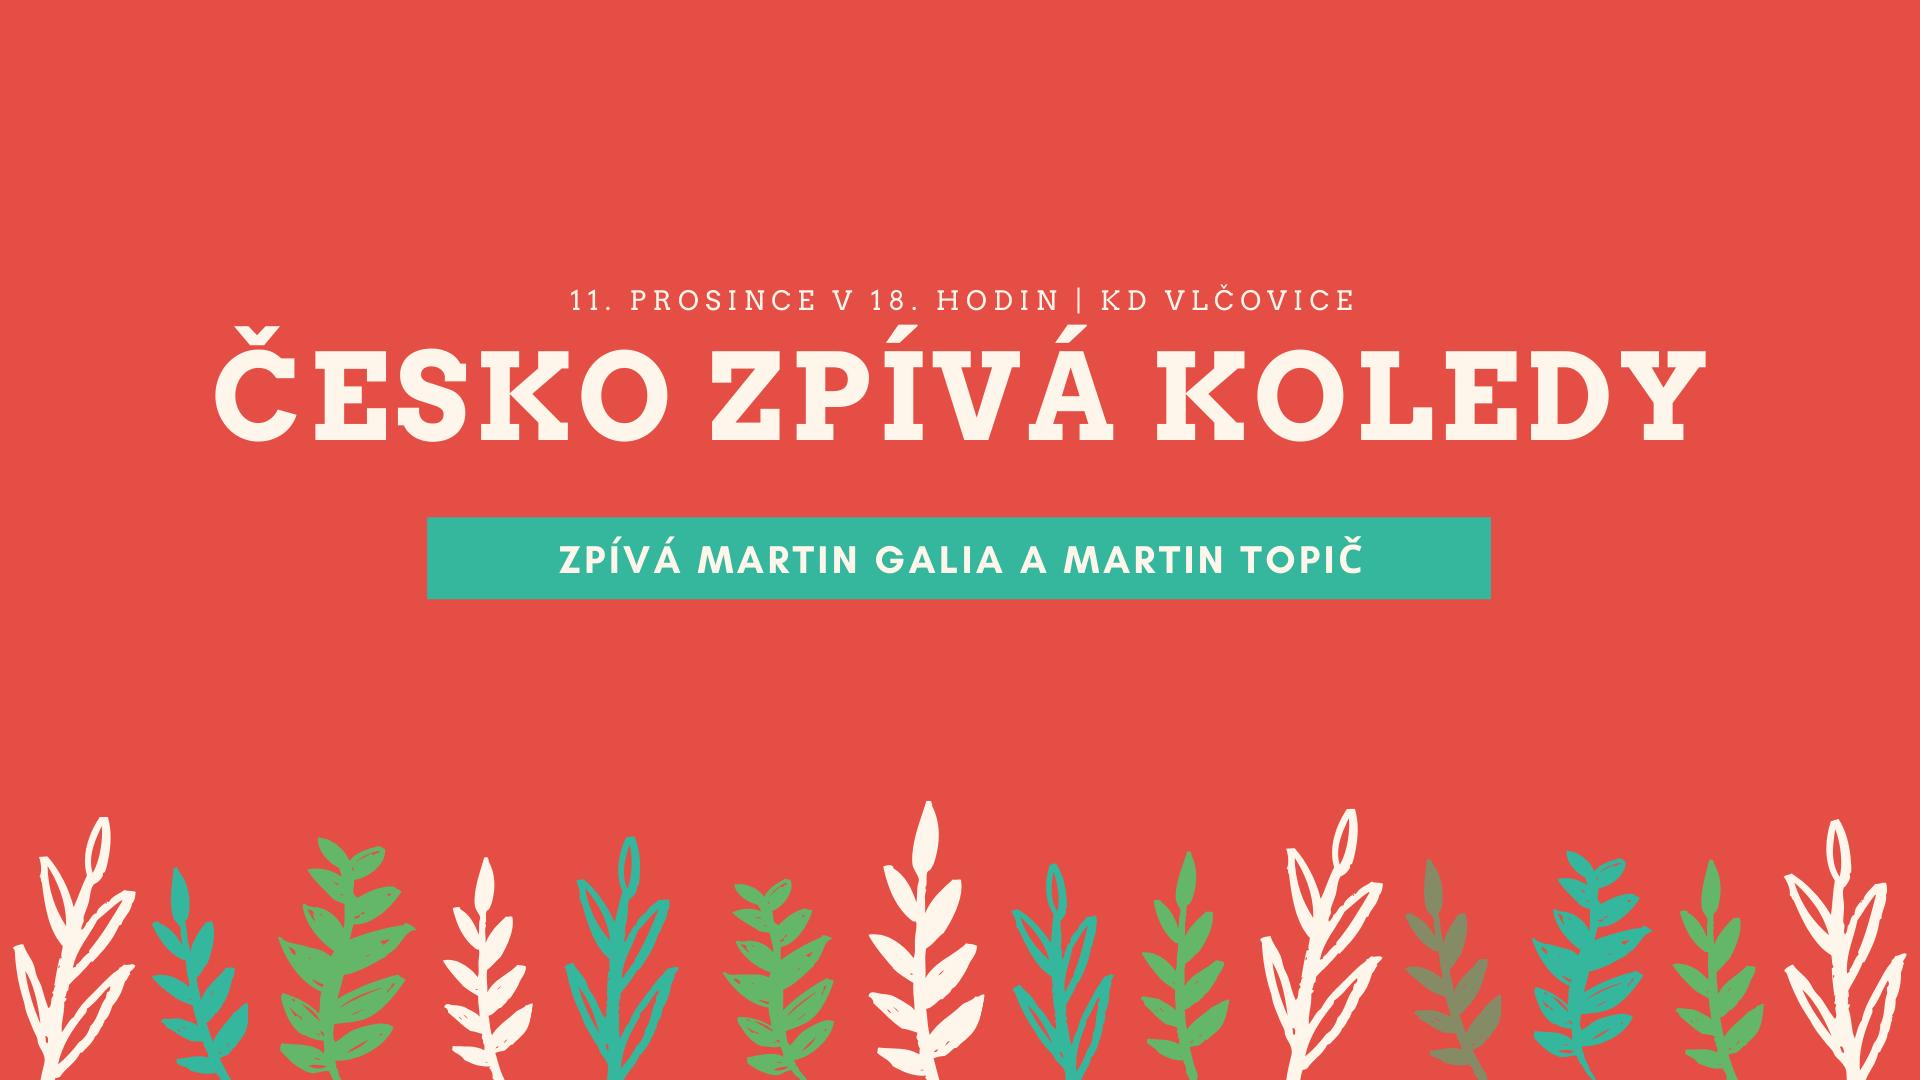 Česko zpívá koledy Vlčovice